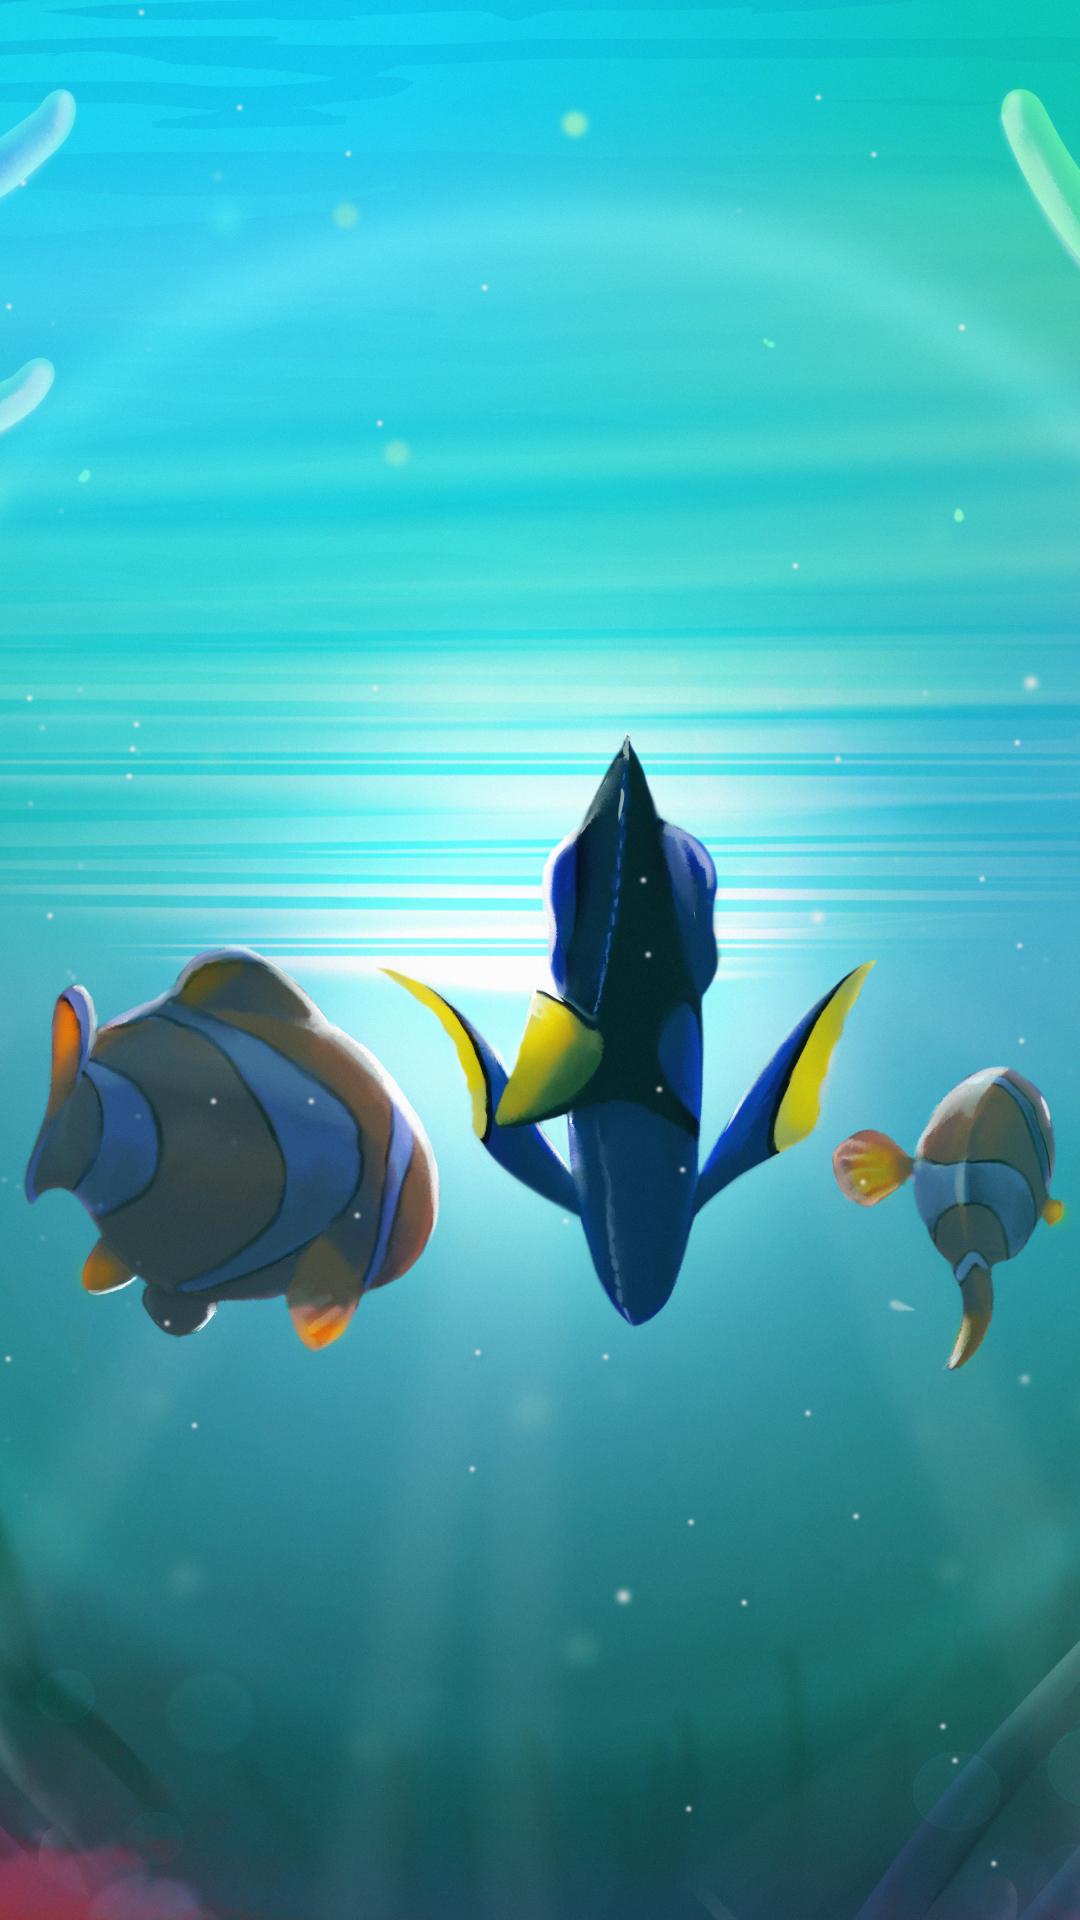 海底总动员 三只鱼 海水 苹果手机高清壁纸 1080x1920